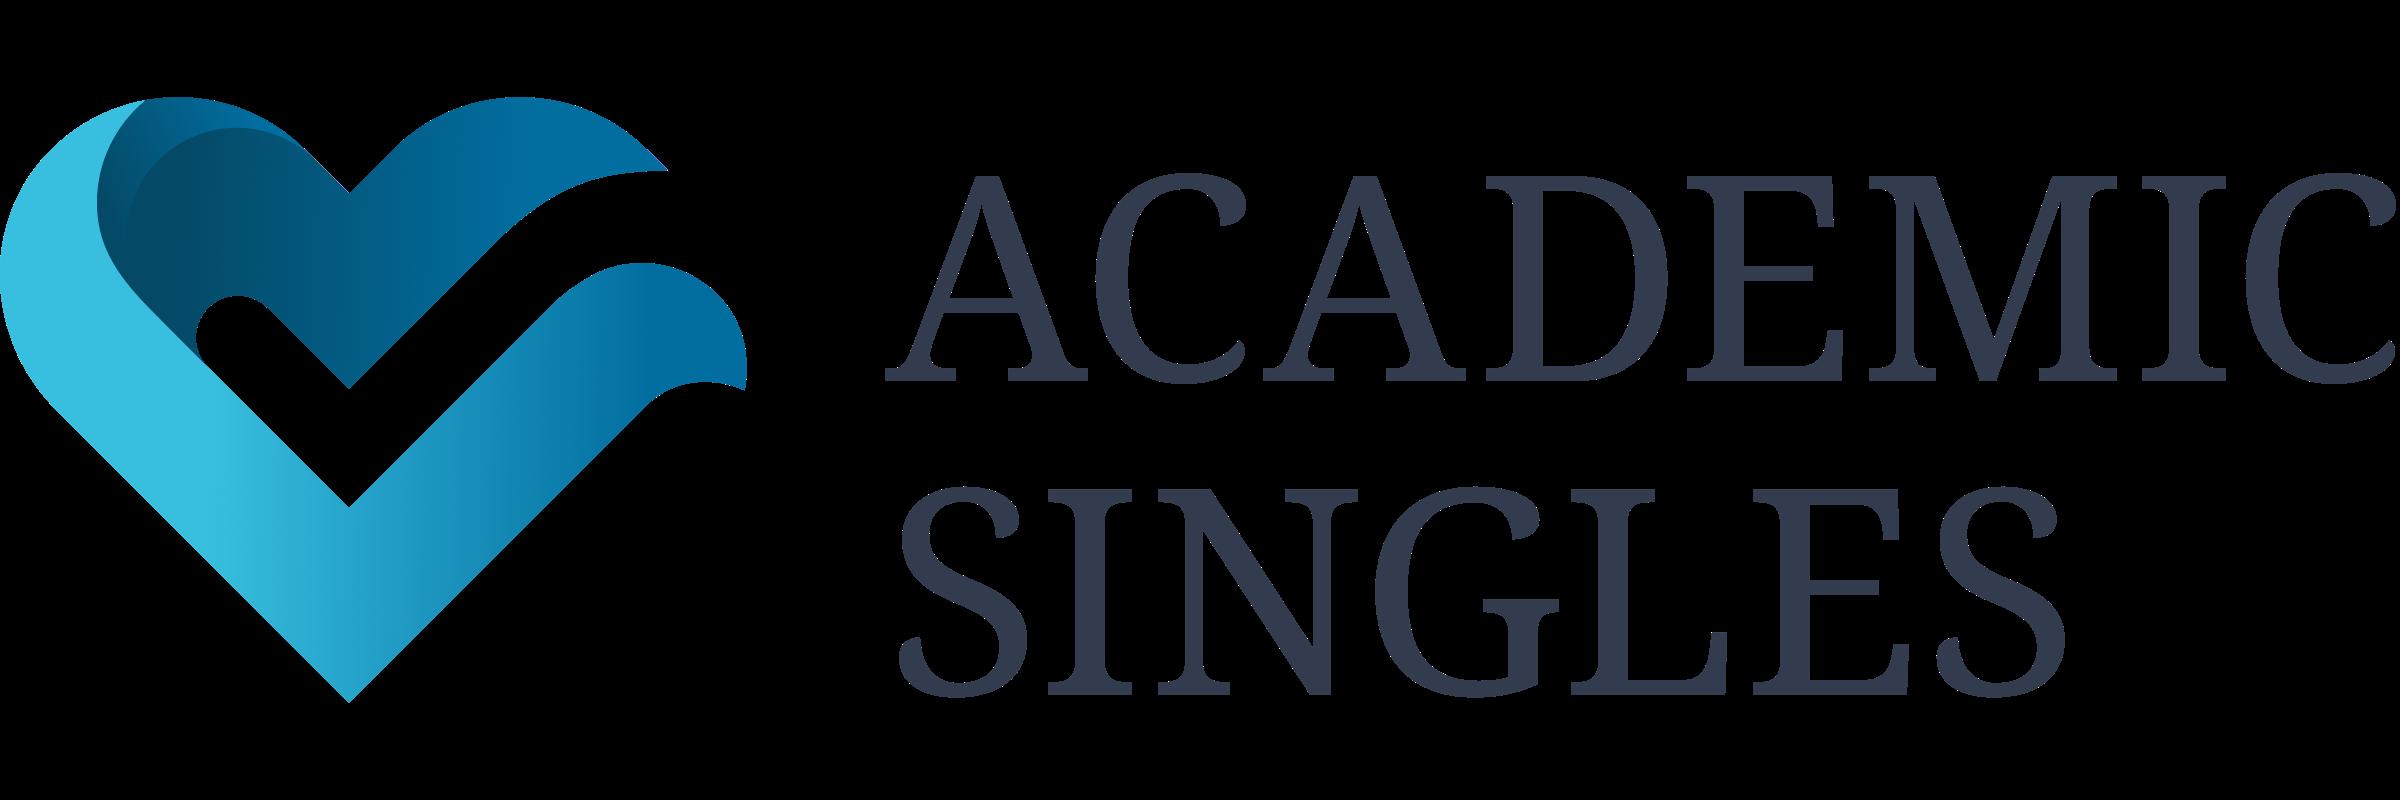 AcademicSingles.ch